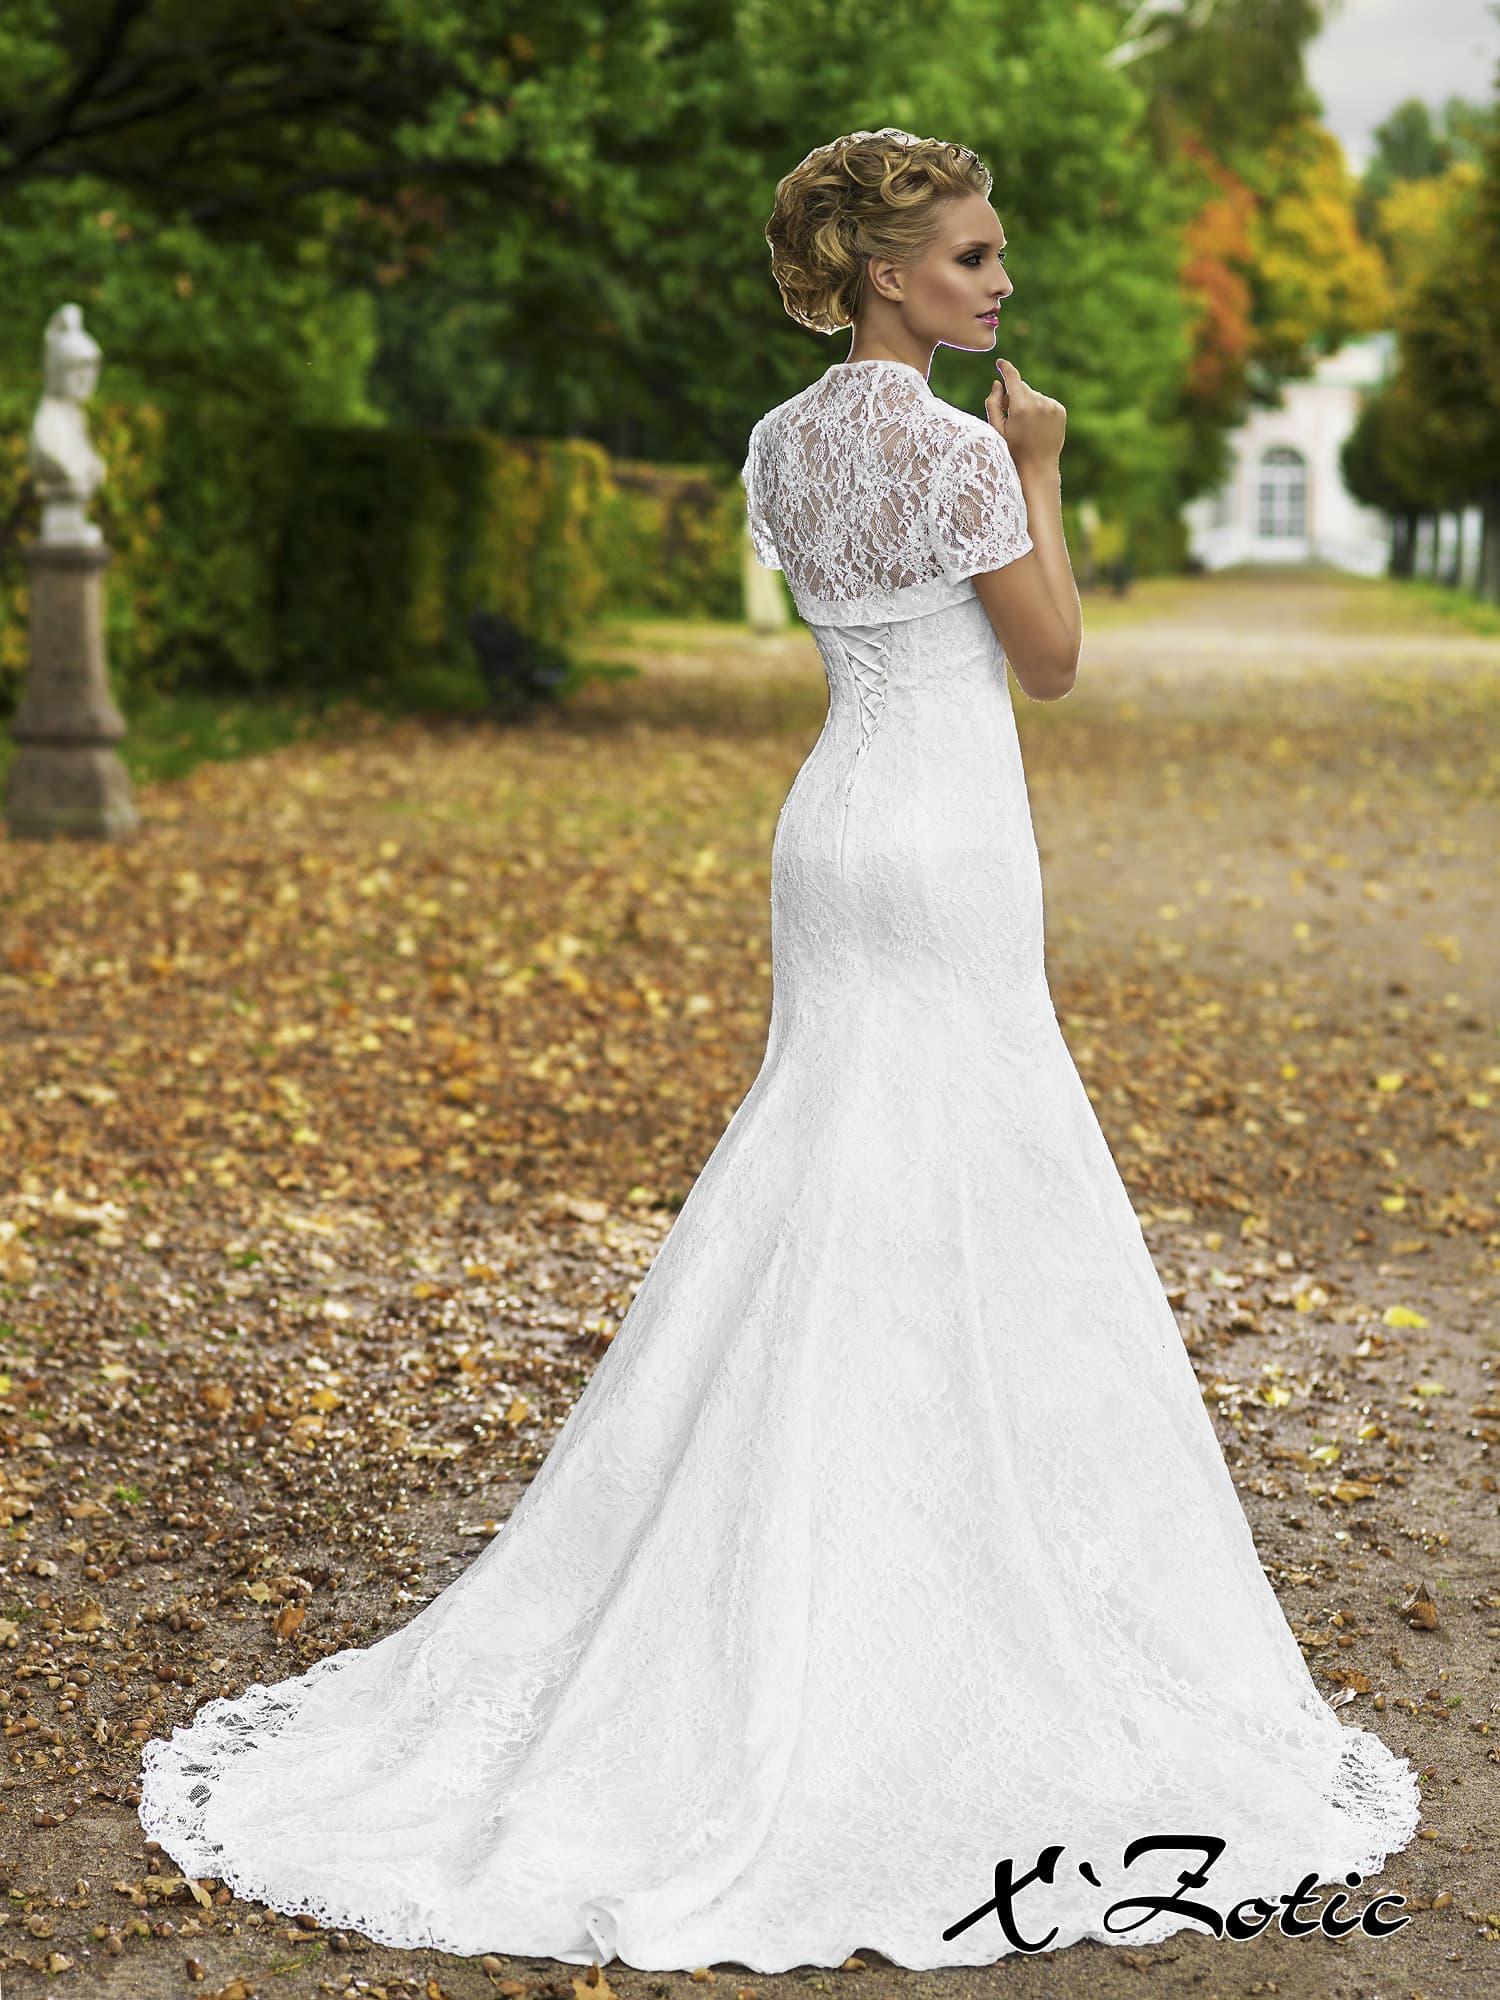 свадебные платья прямого силуэта фото прически для них